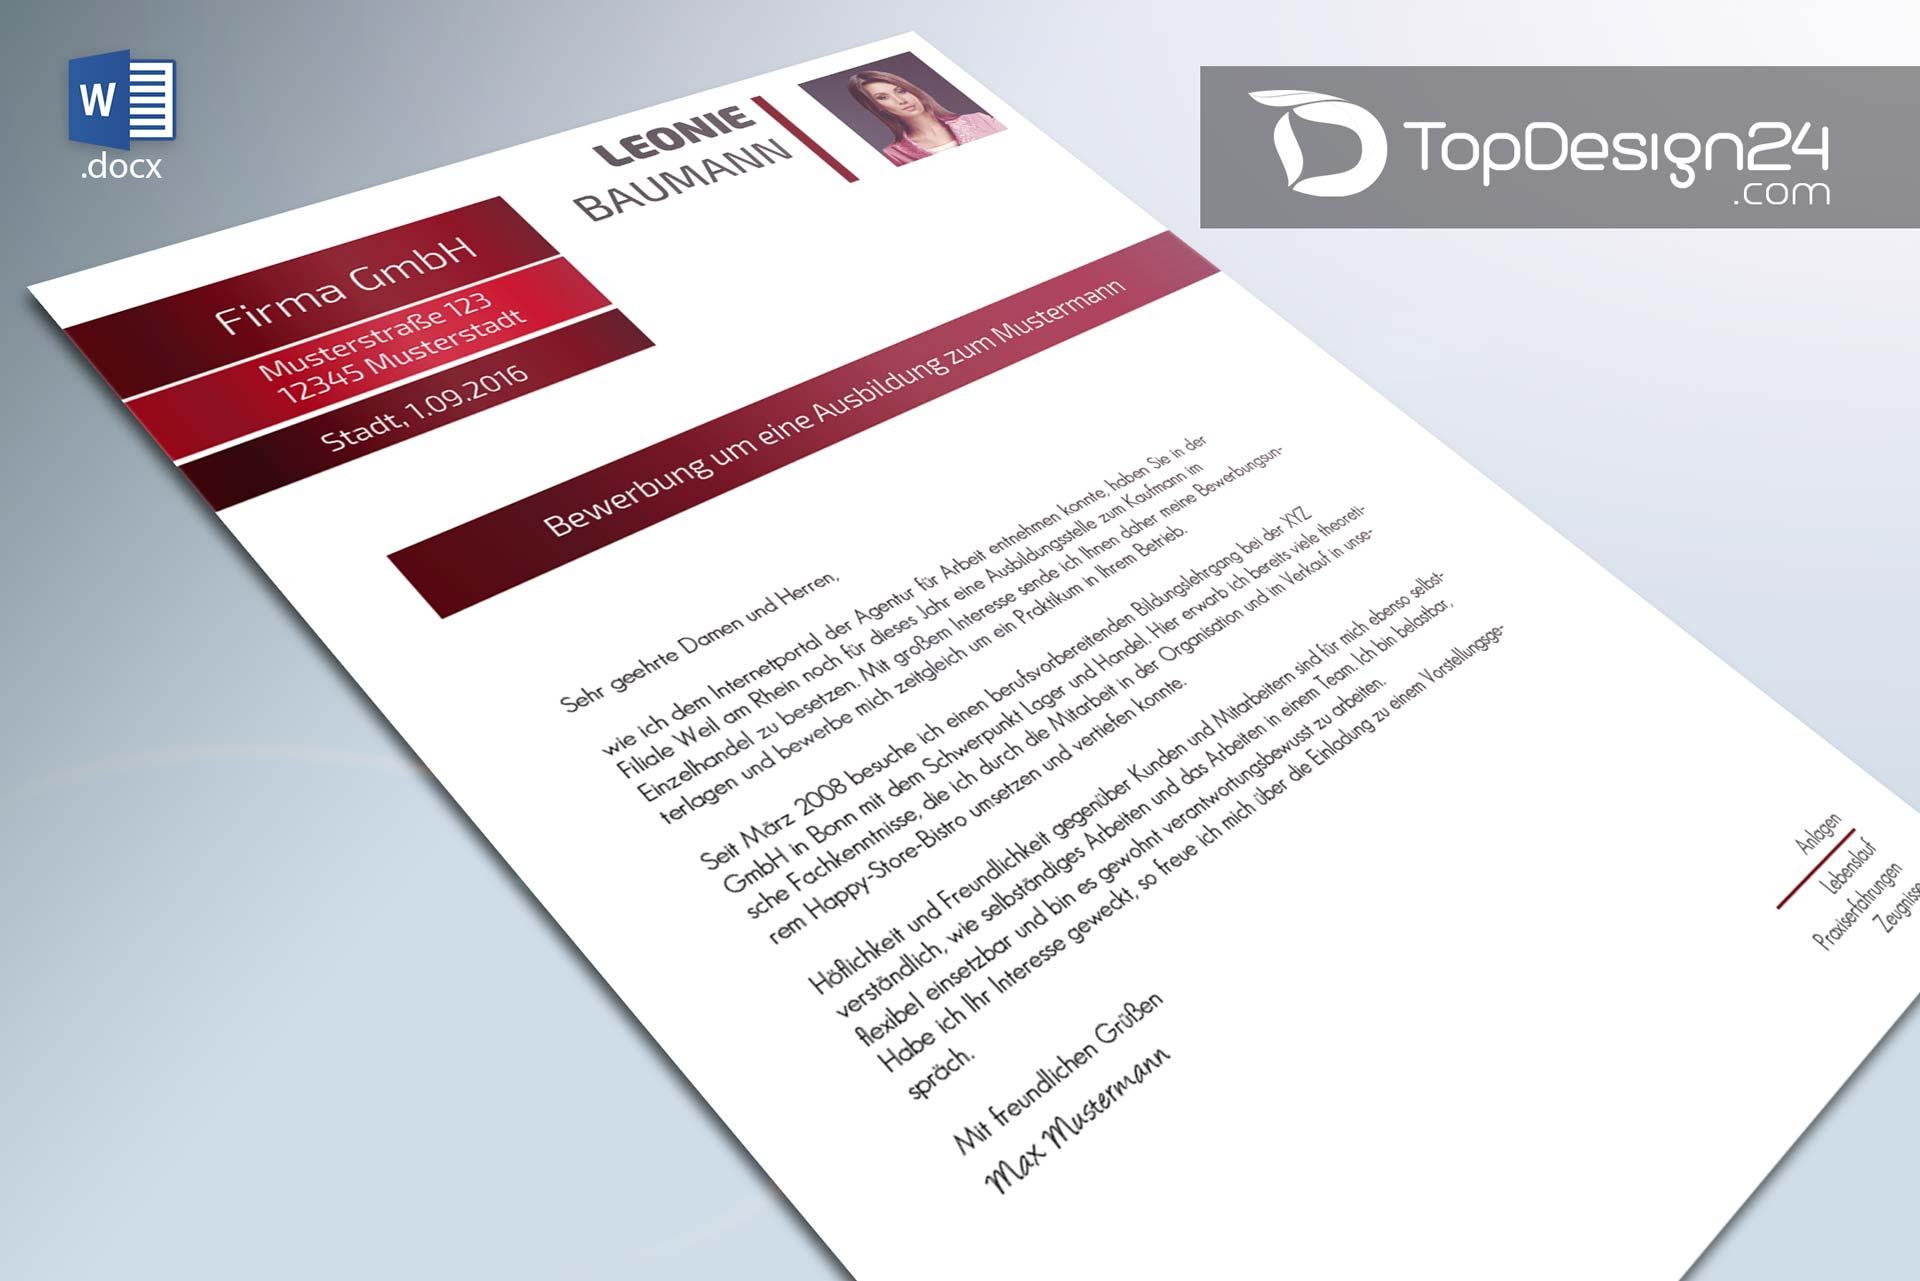 Bewerbung per Email schreiben-aktuelle bewerbungsvorlagen. Bewerbungsvorlage